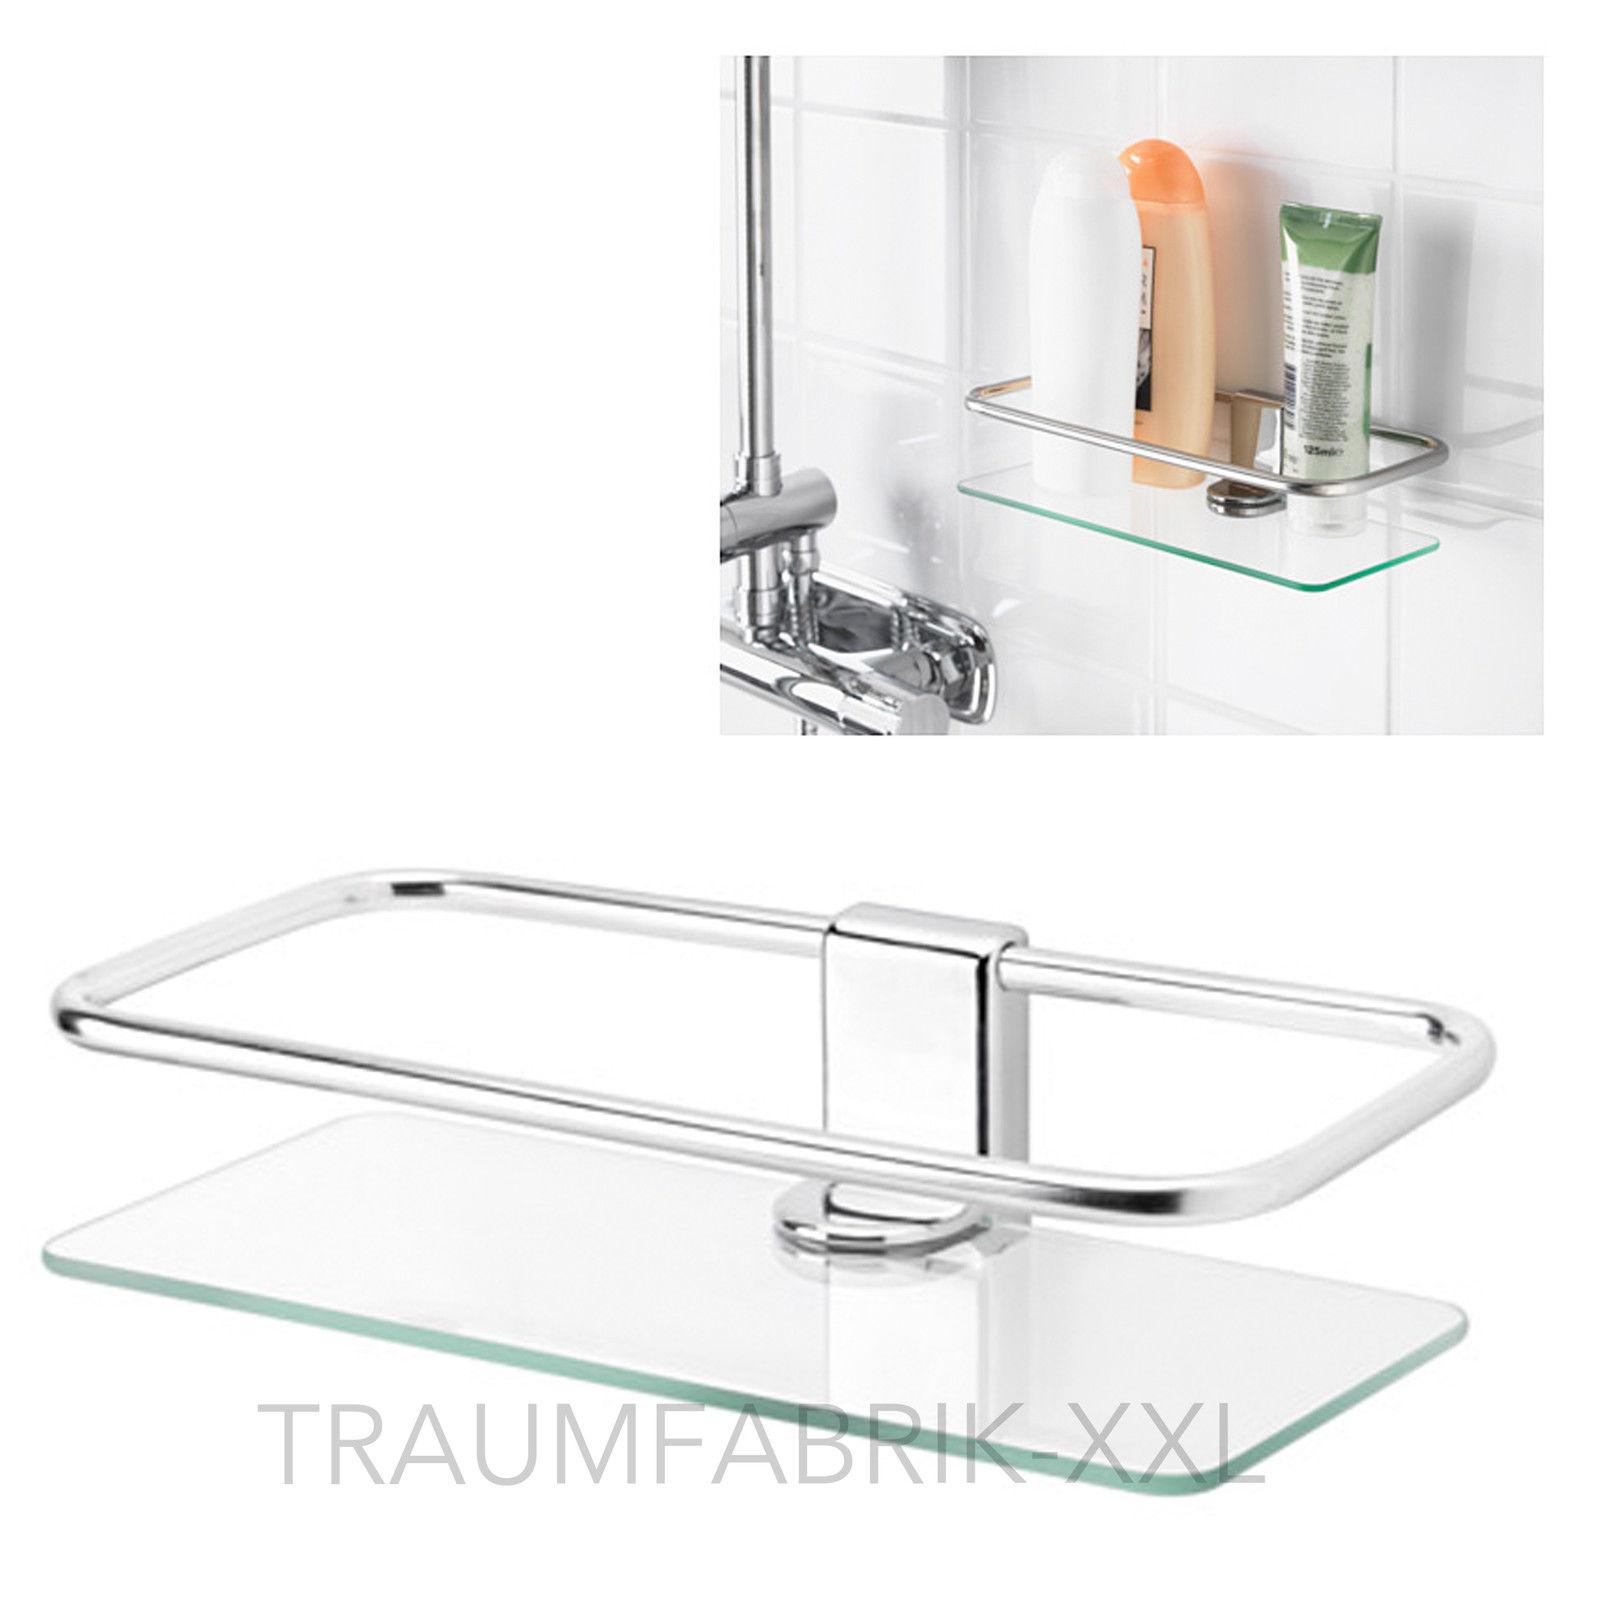 KEA KALKGRUND Duschablage verchromt (24x6cm) Badablage Badezimmer ...